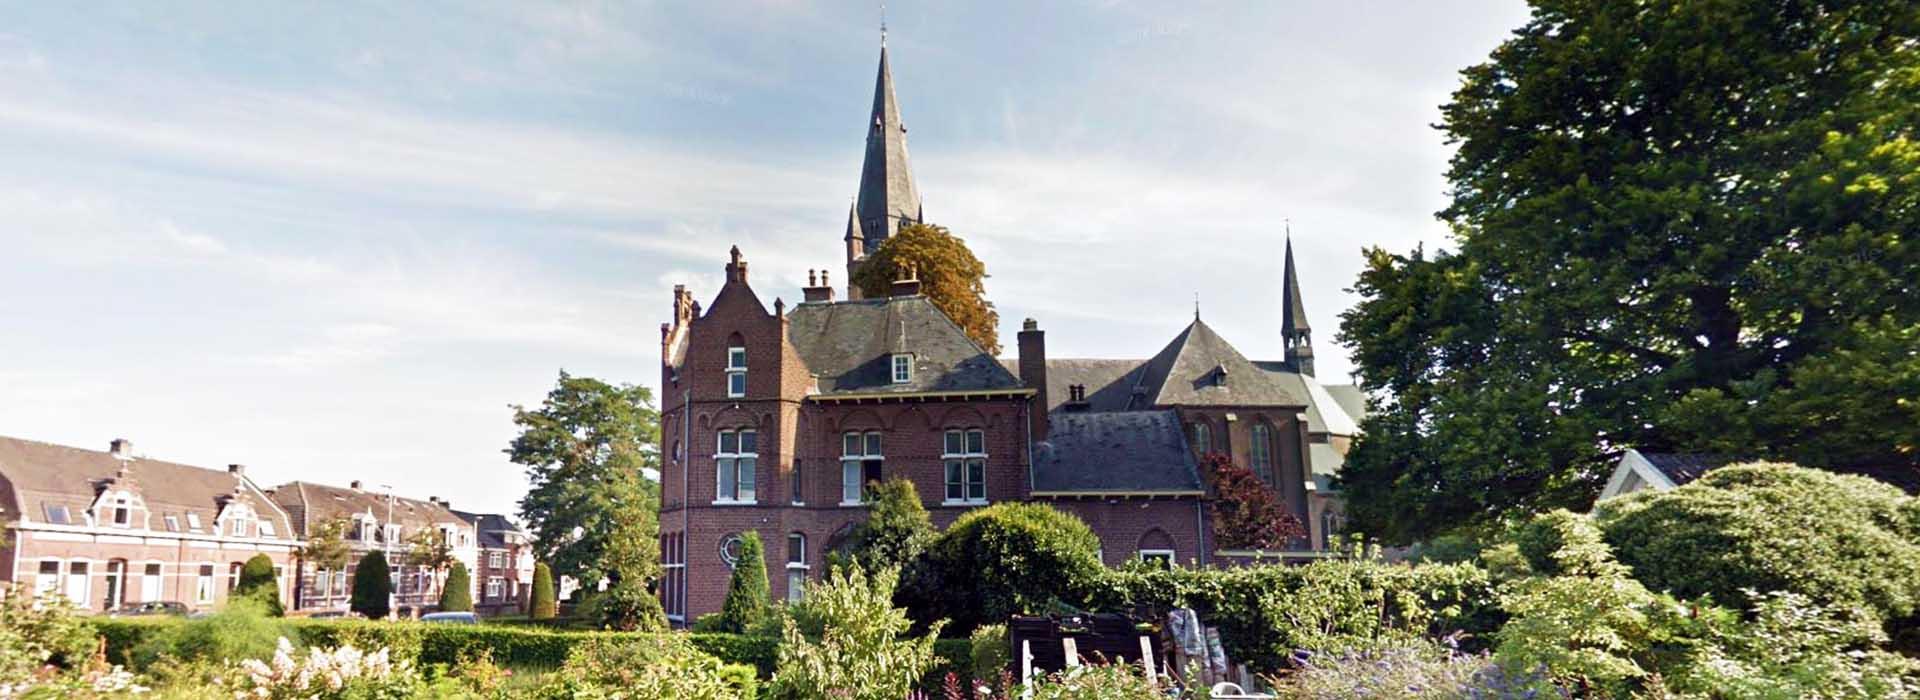 pastorie hoogstraat eindhoven atelier coen van ham